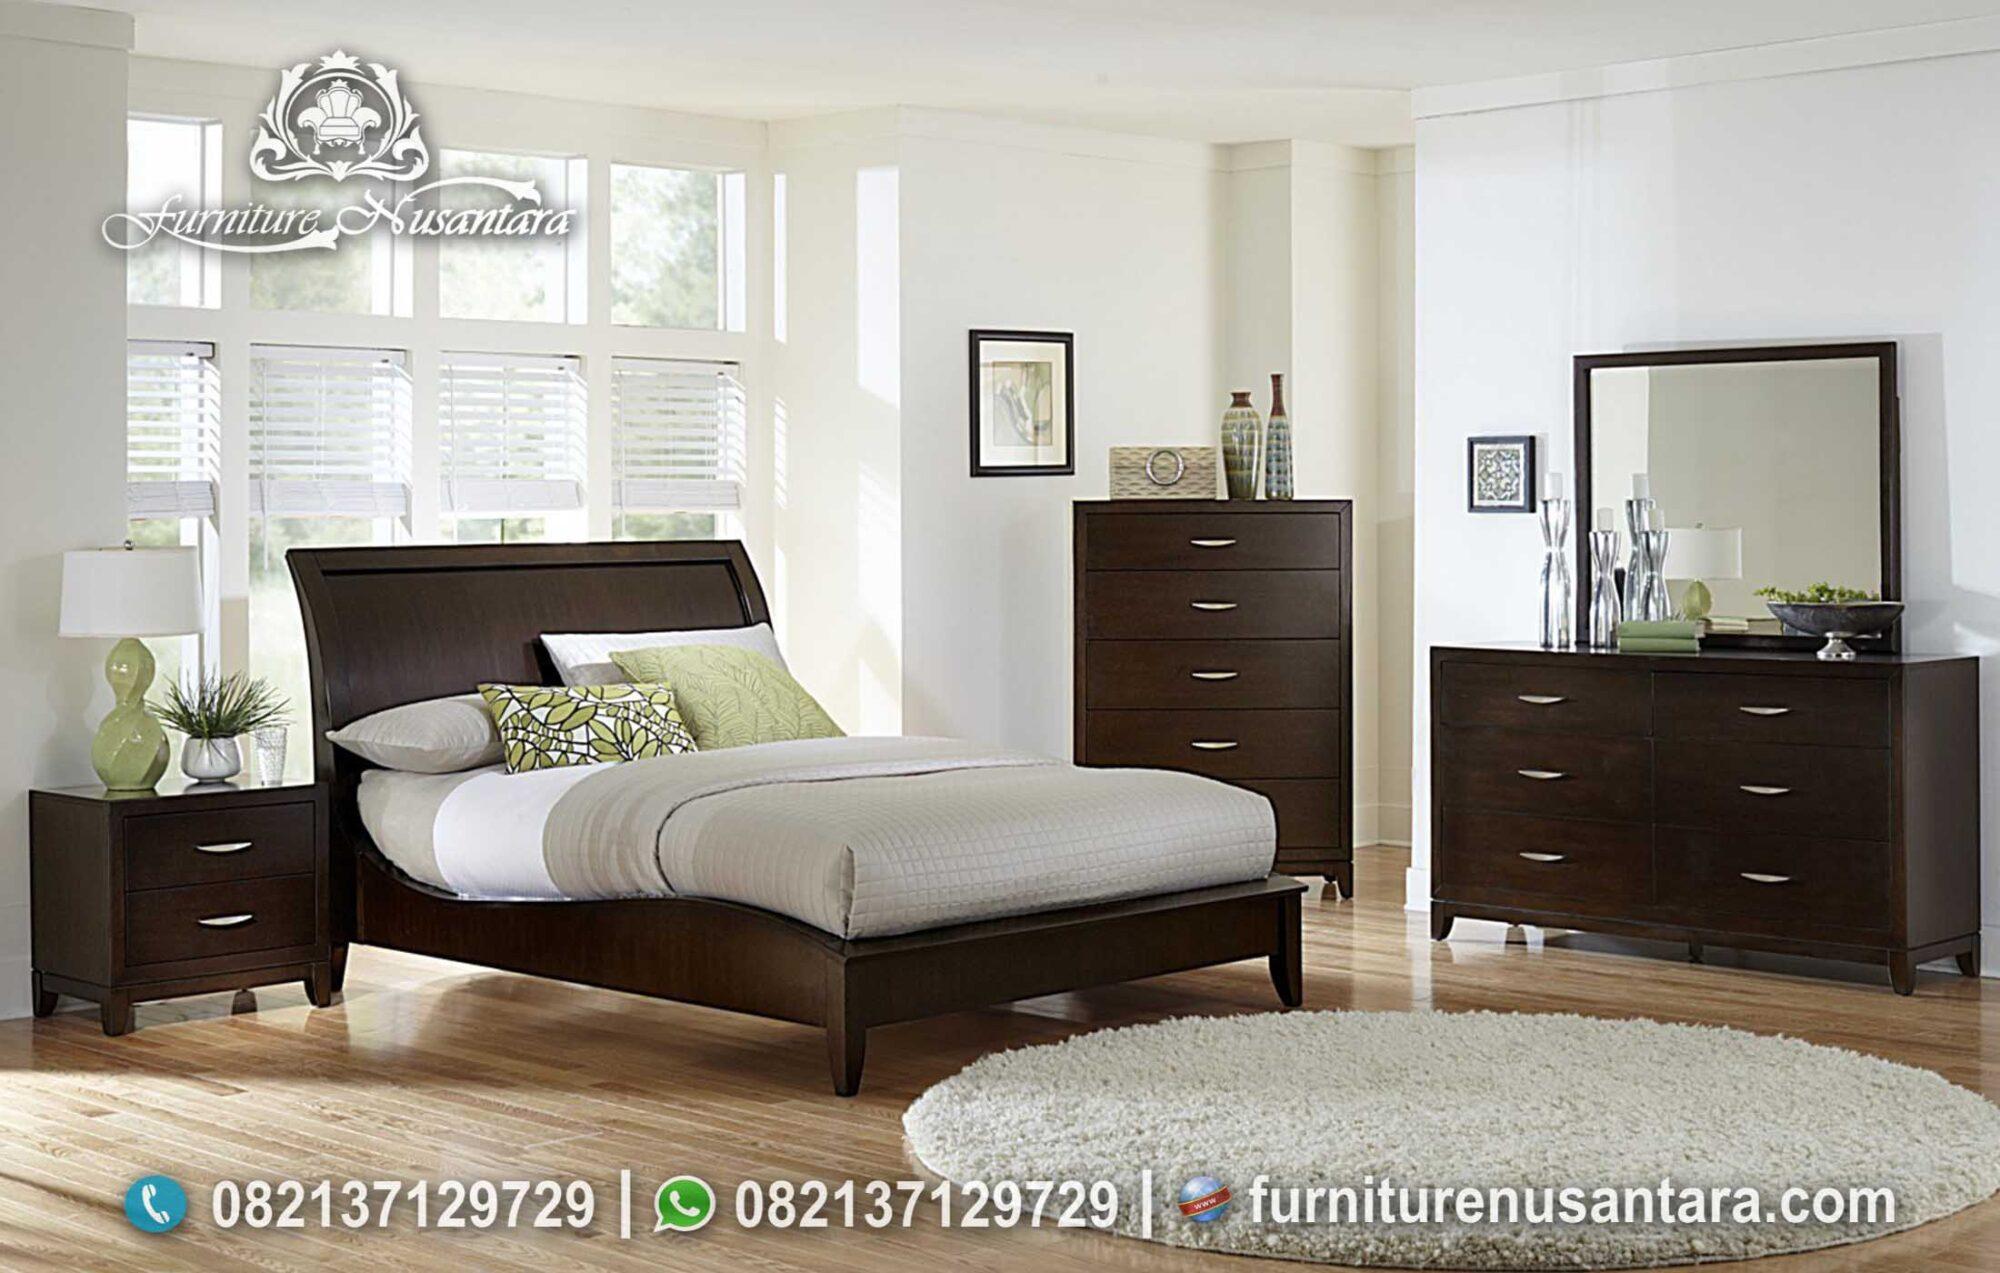 Desain Kamar Tidur Minimalis Elegan KS-206, Furniture Nusantara